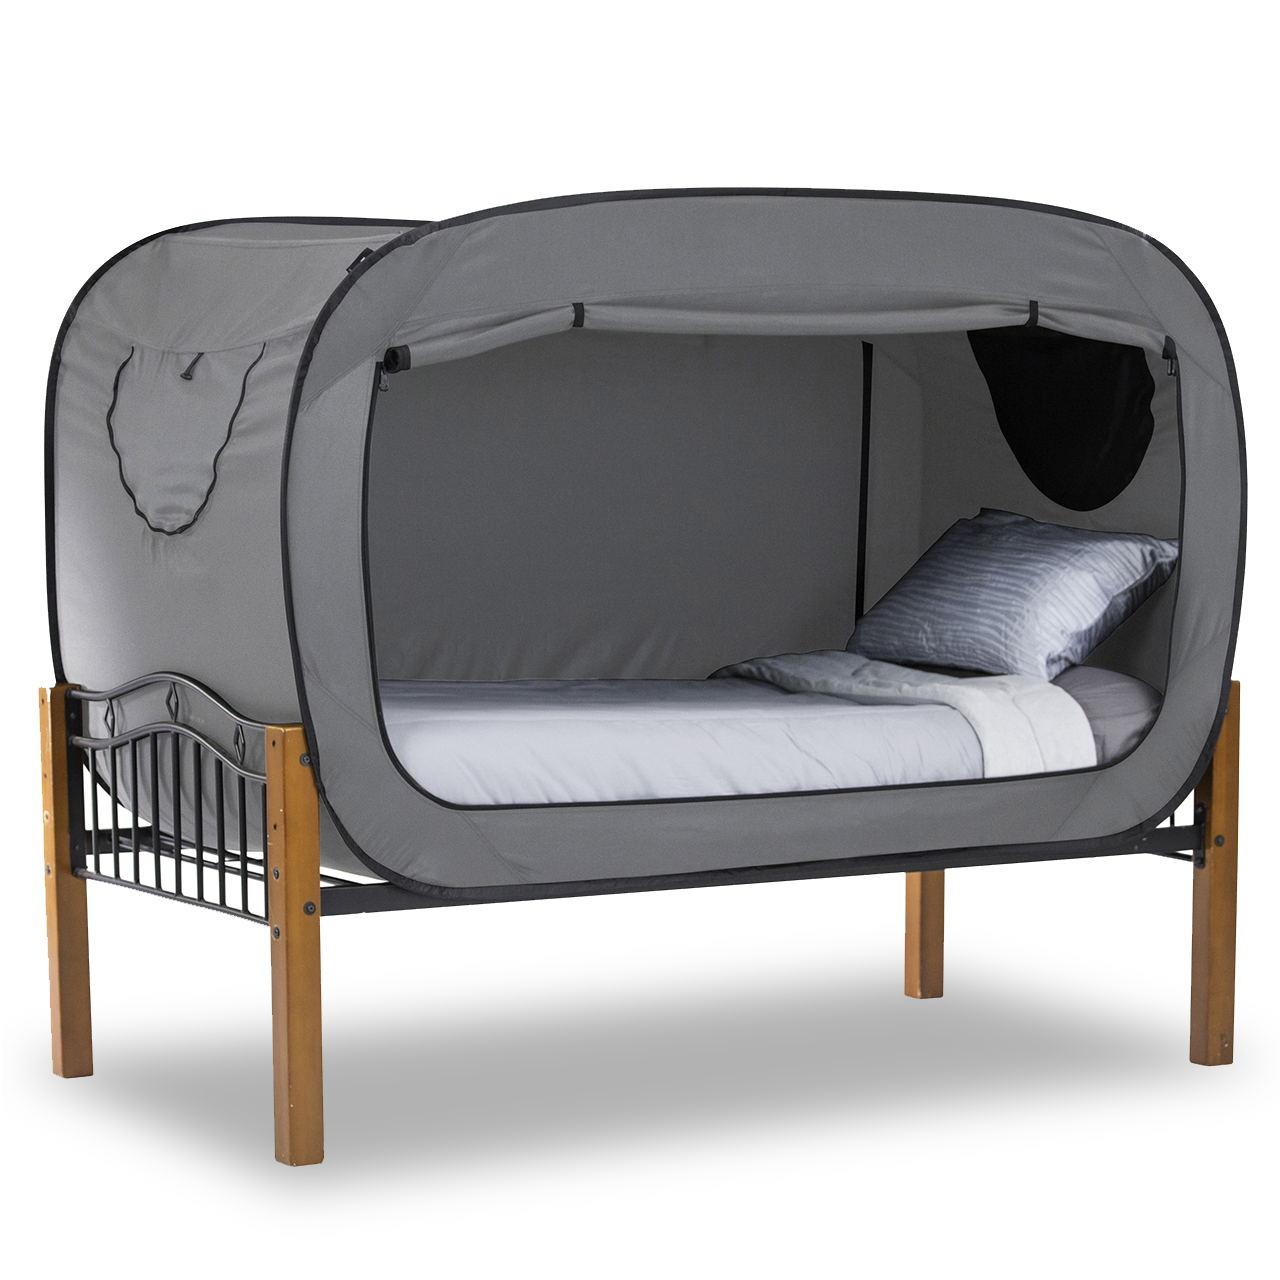 特價床用帳篷學生宿舍隱私床幔遮光透氣單雙人上下床鋪保溫帳篷